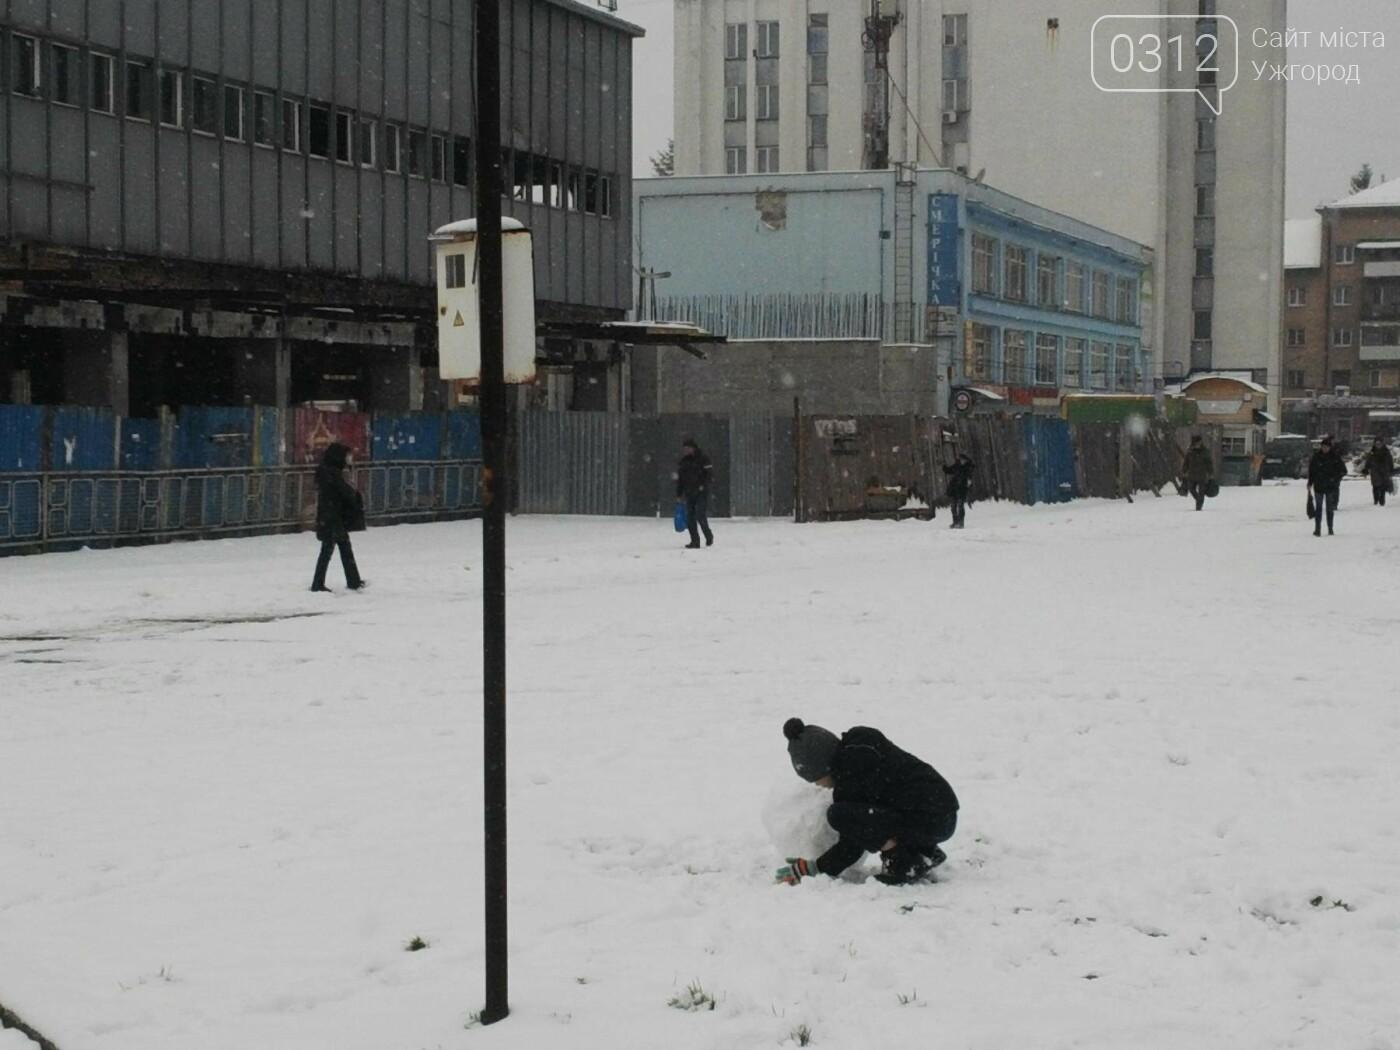 Ужгород - наодинці зі снігом: тротуари не розчищені та непідсипані, у двори не ступала нога комунальника (ФОТОРЕПОРТАЖ), фото-10